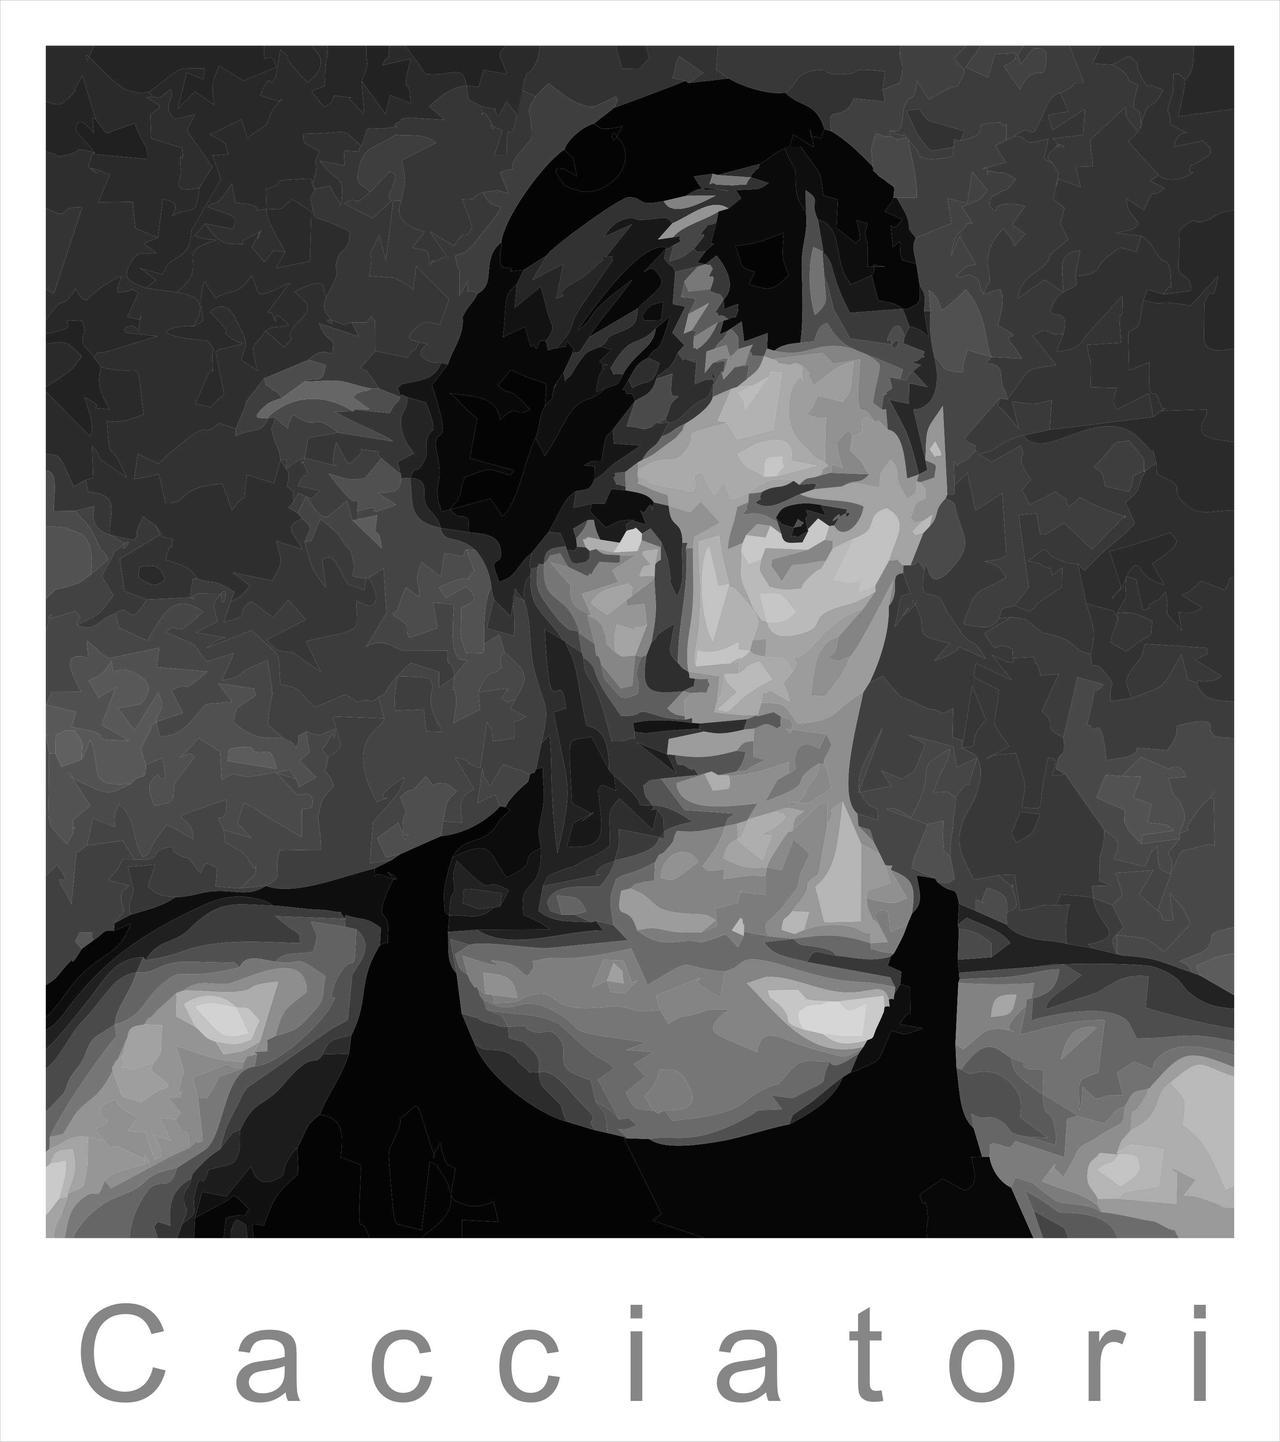 Cacciatori by Markhal